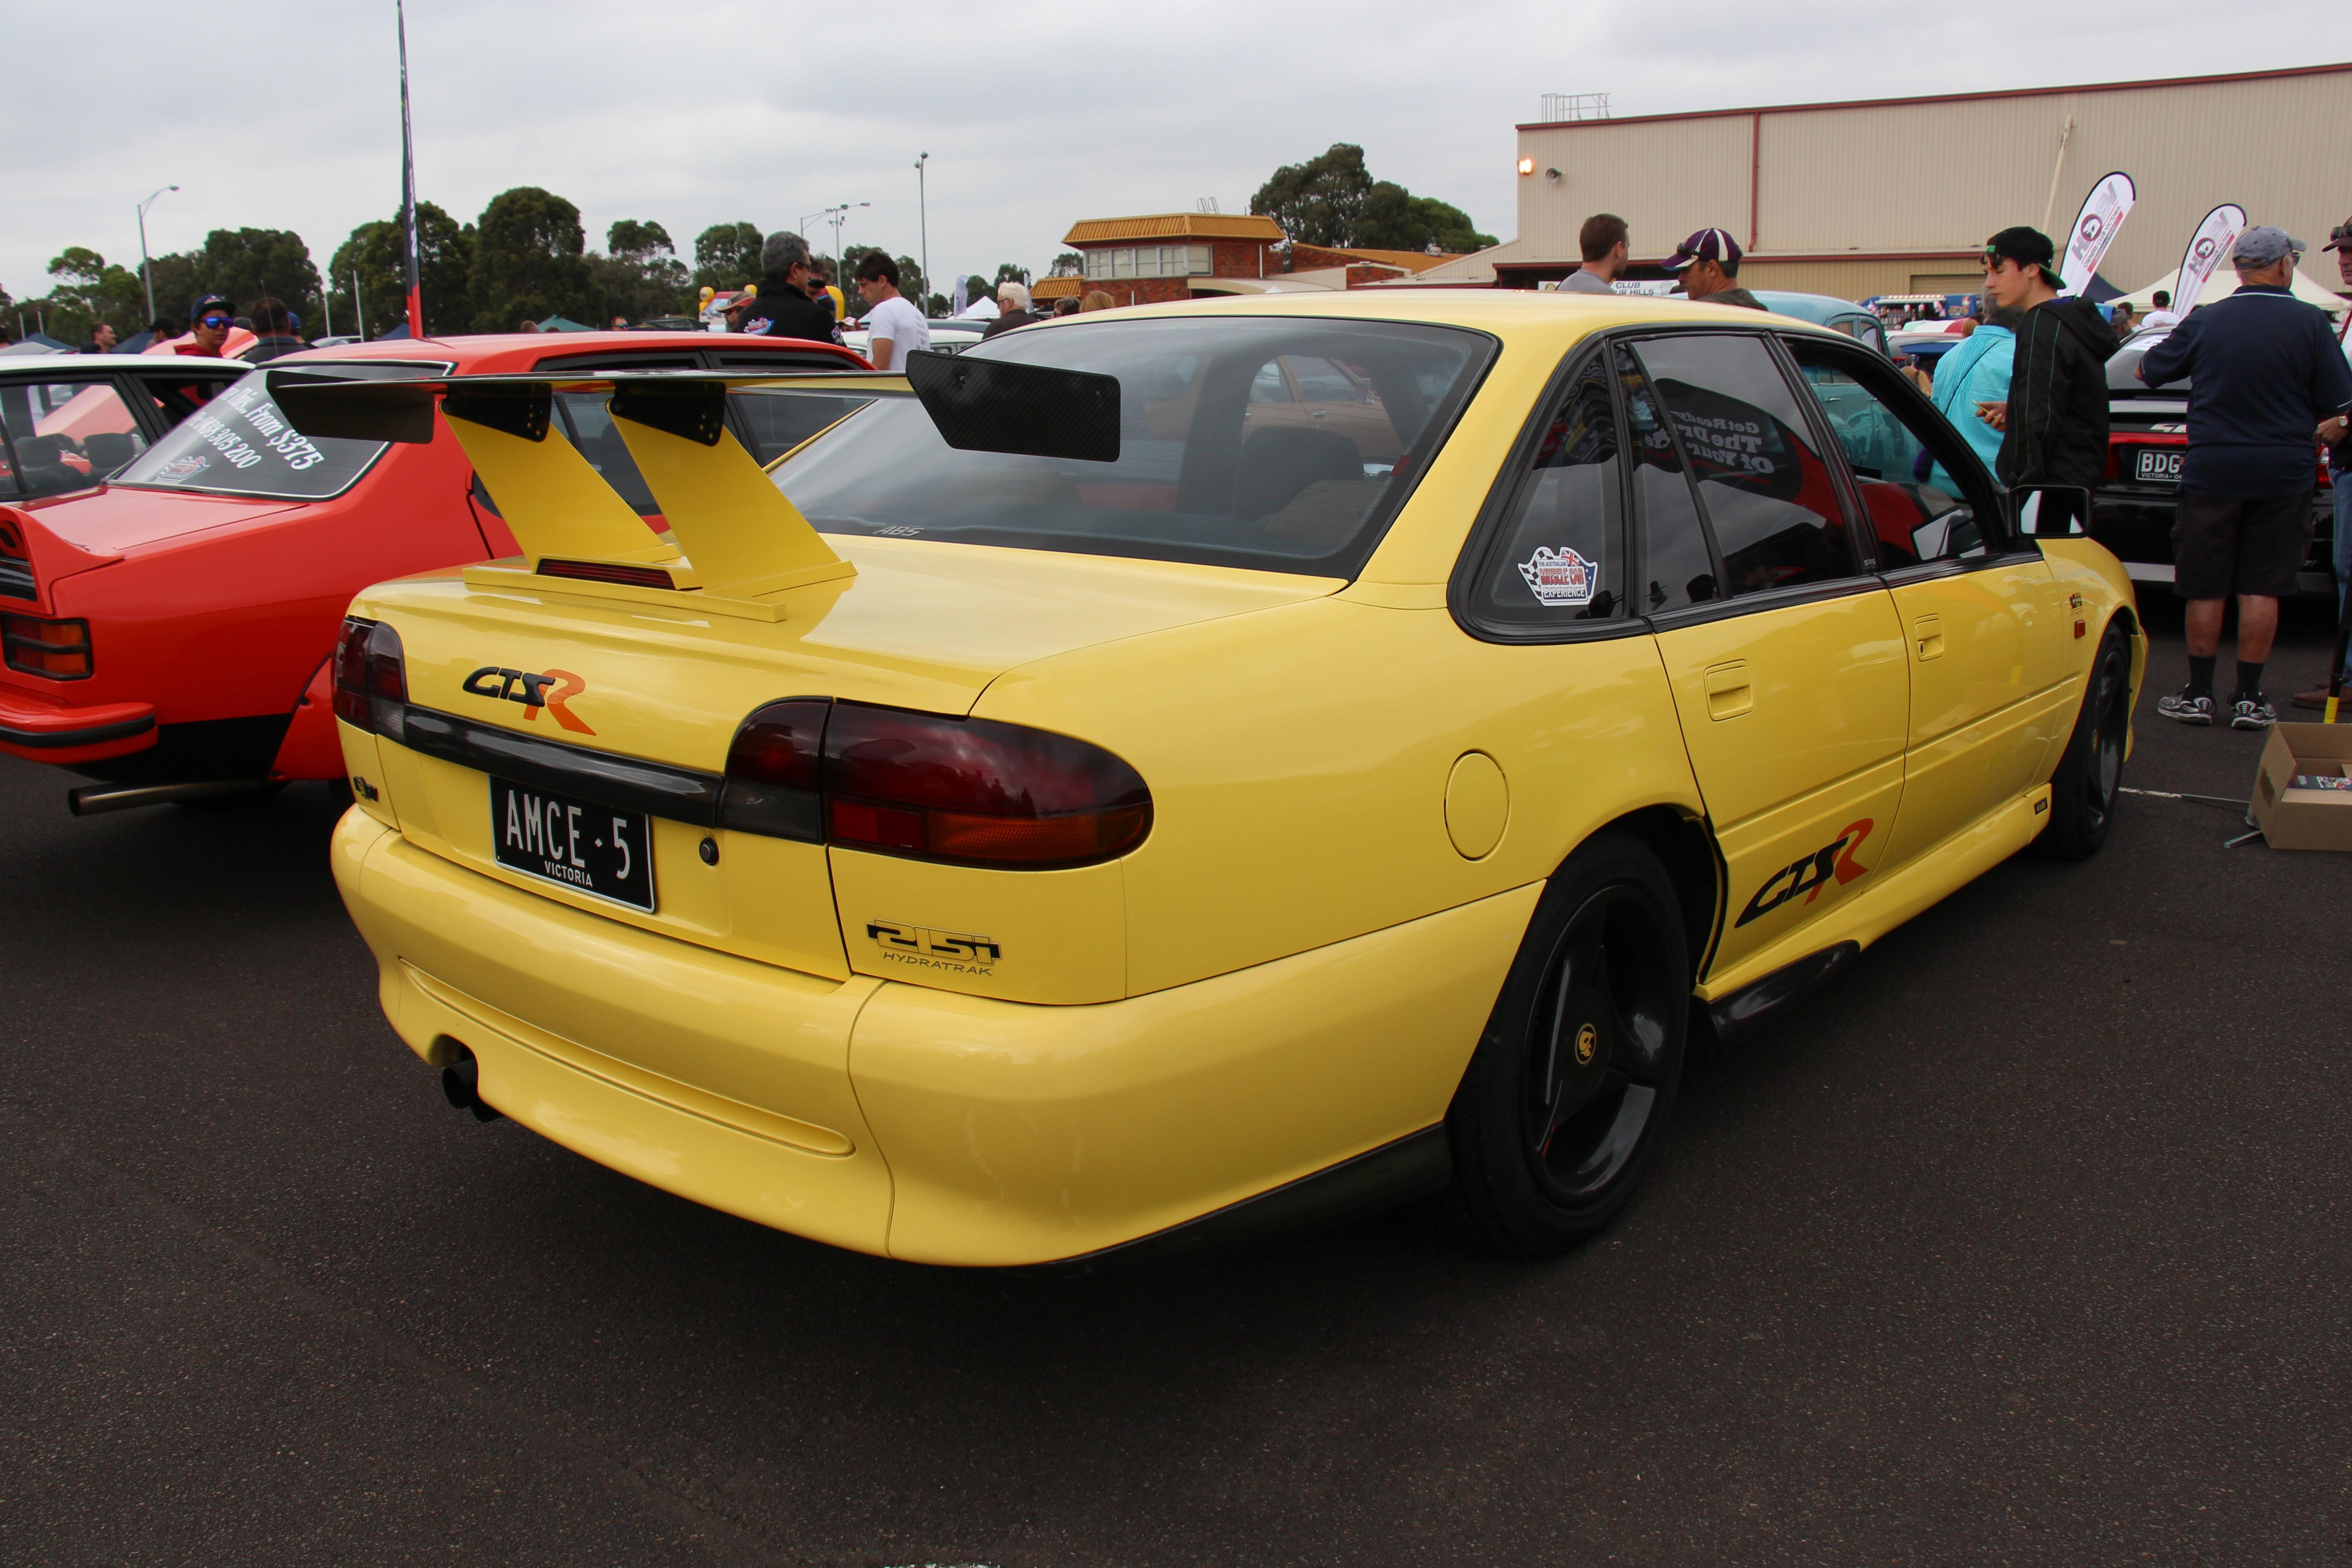 Vs Commodore Show Car